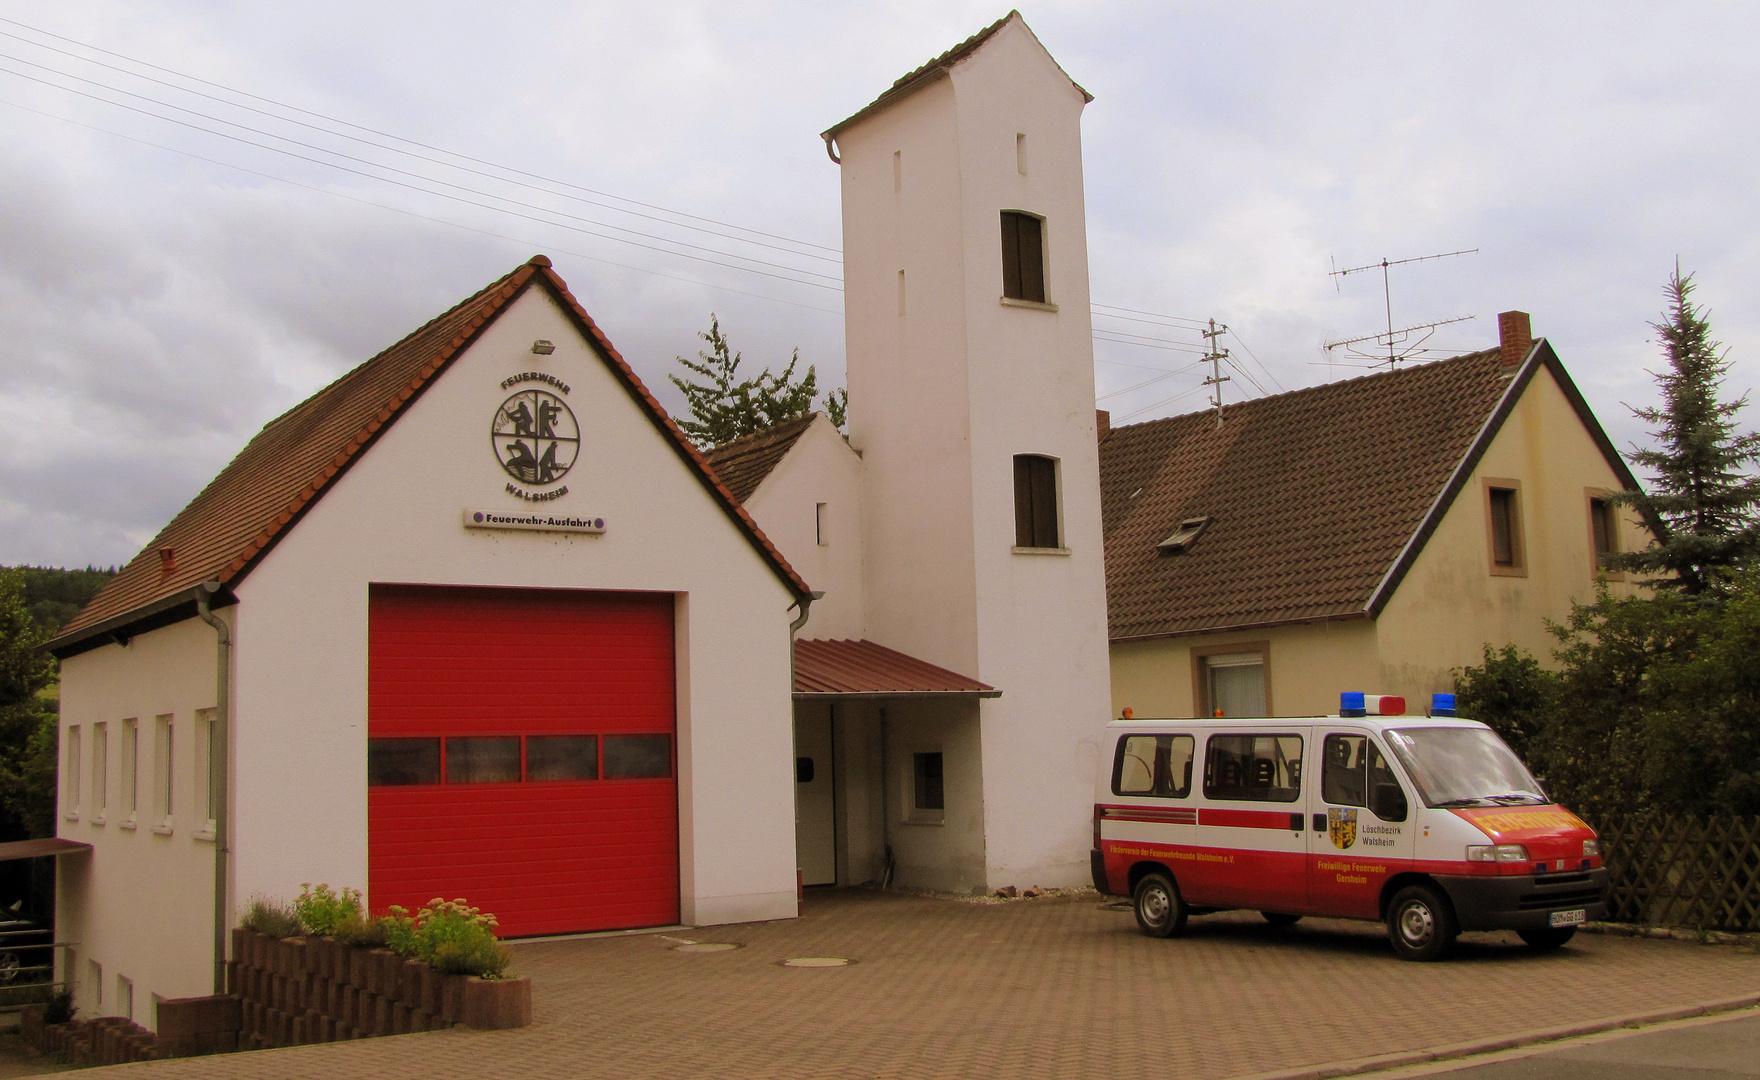 Feuerwehr Walsheim